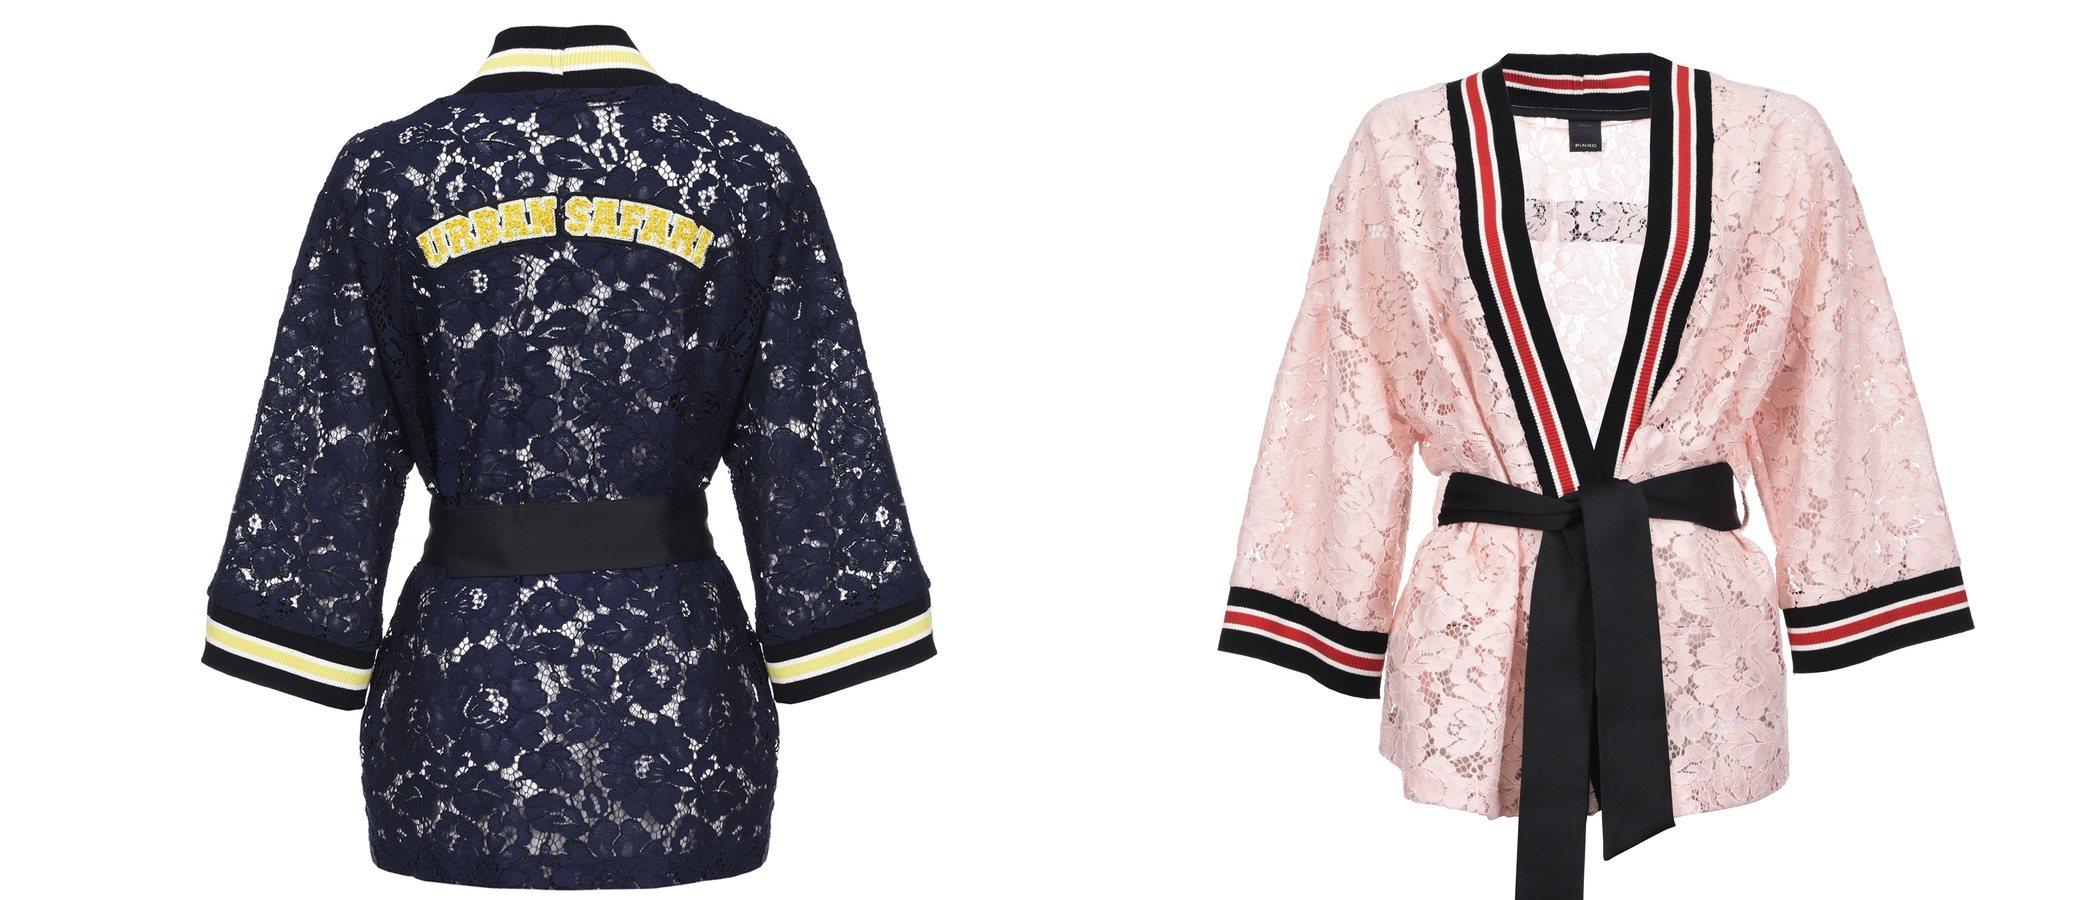 Pinko presenta su nueva colección de kimonos originales y coloridos